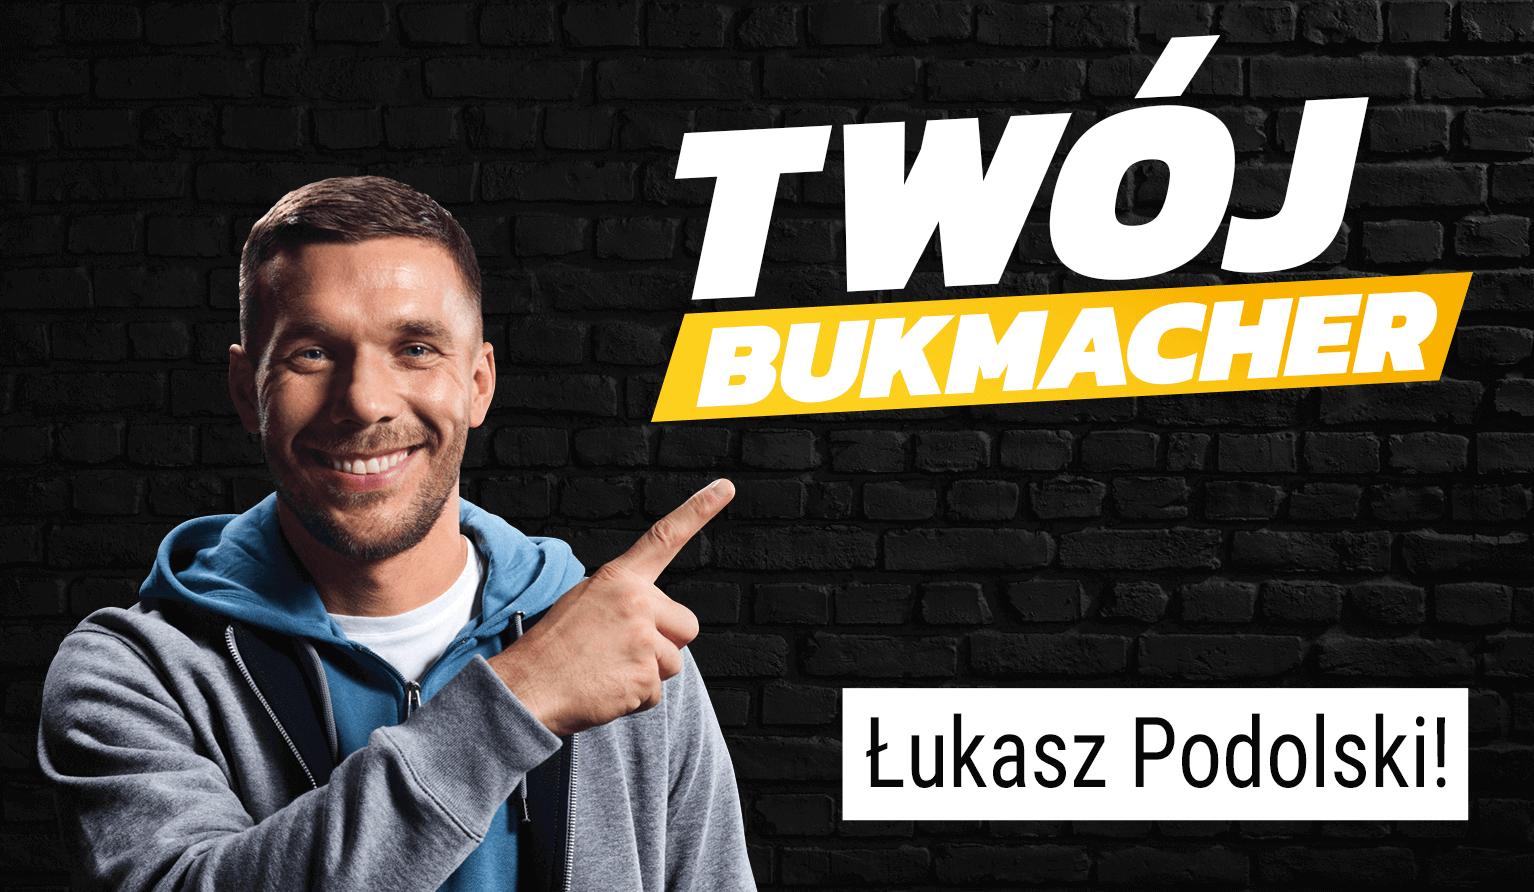 Łukasz Podolski Totolotek